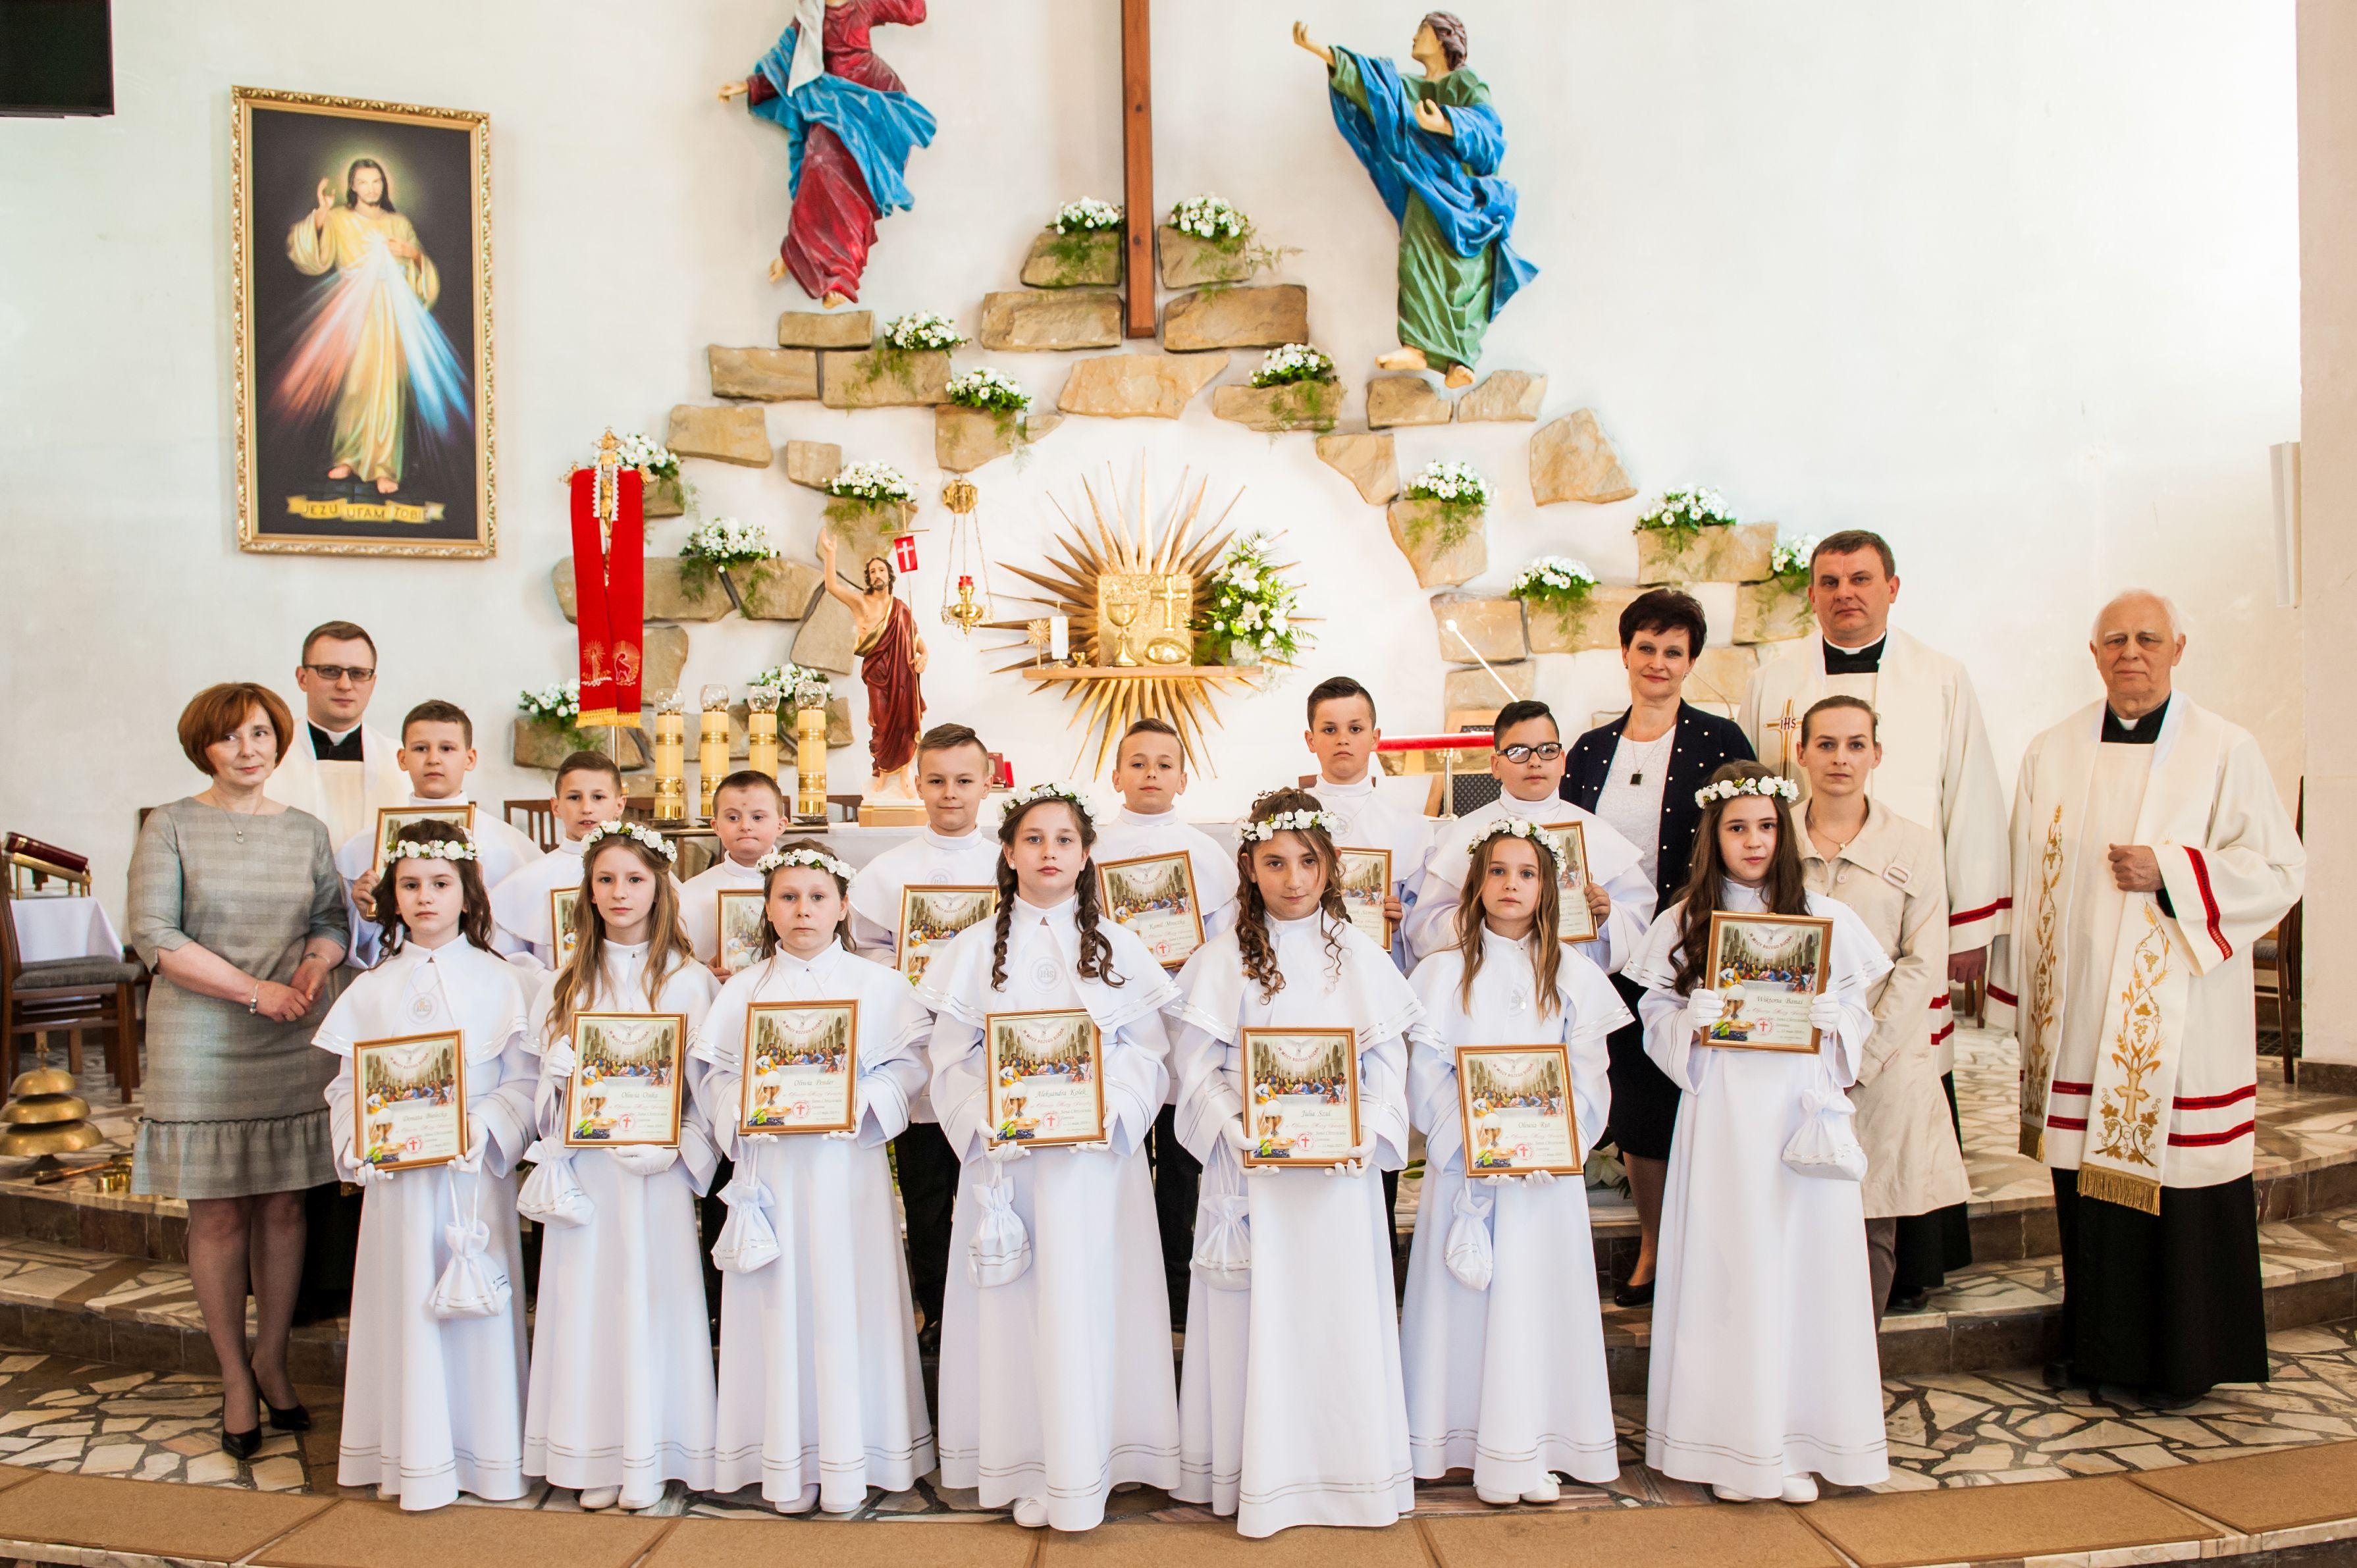 939de43f25 Uroczystość Pierwszej Komunii Świętej odbyła się pod przewodnictwem księdza  proboszcza Władysława Dubiela